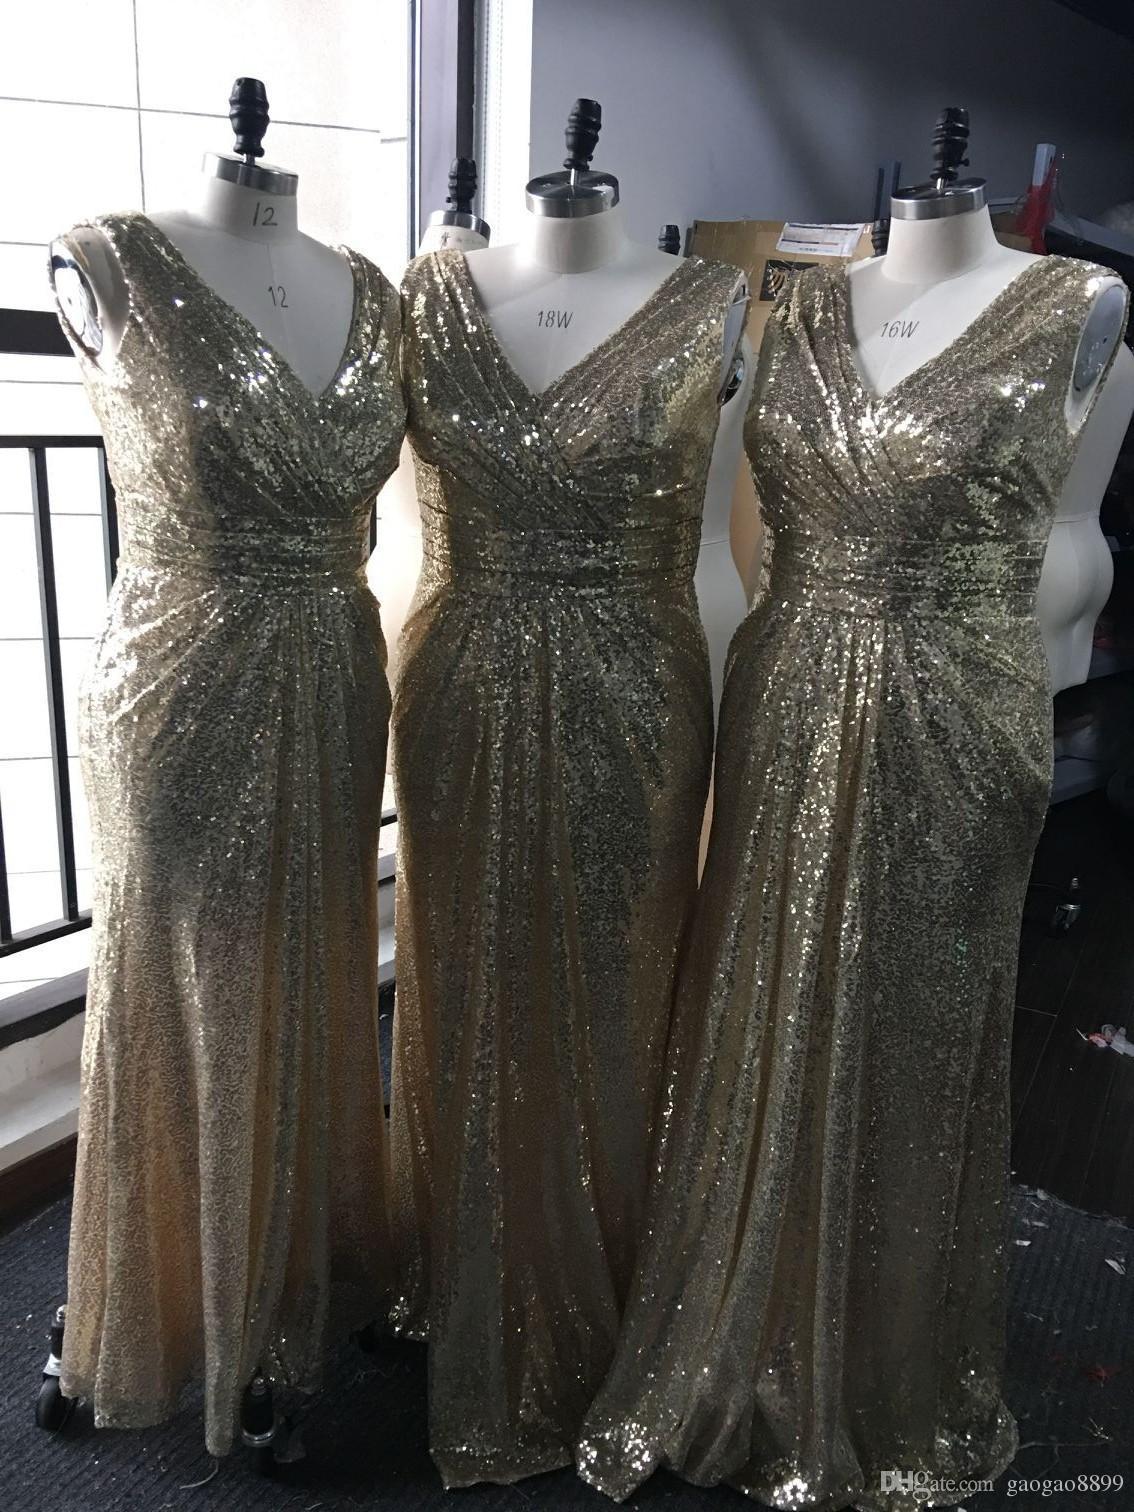 Bling Rose Gold V-Ausschnitt Pailletten Brautjungfer Kleider Backless Plus Size Long Beach Brautjungfer Braut Party Abendkleider 2017 Custom billig